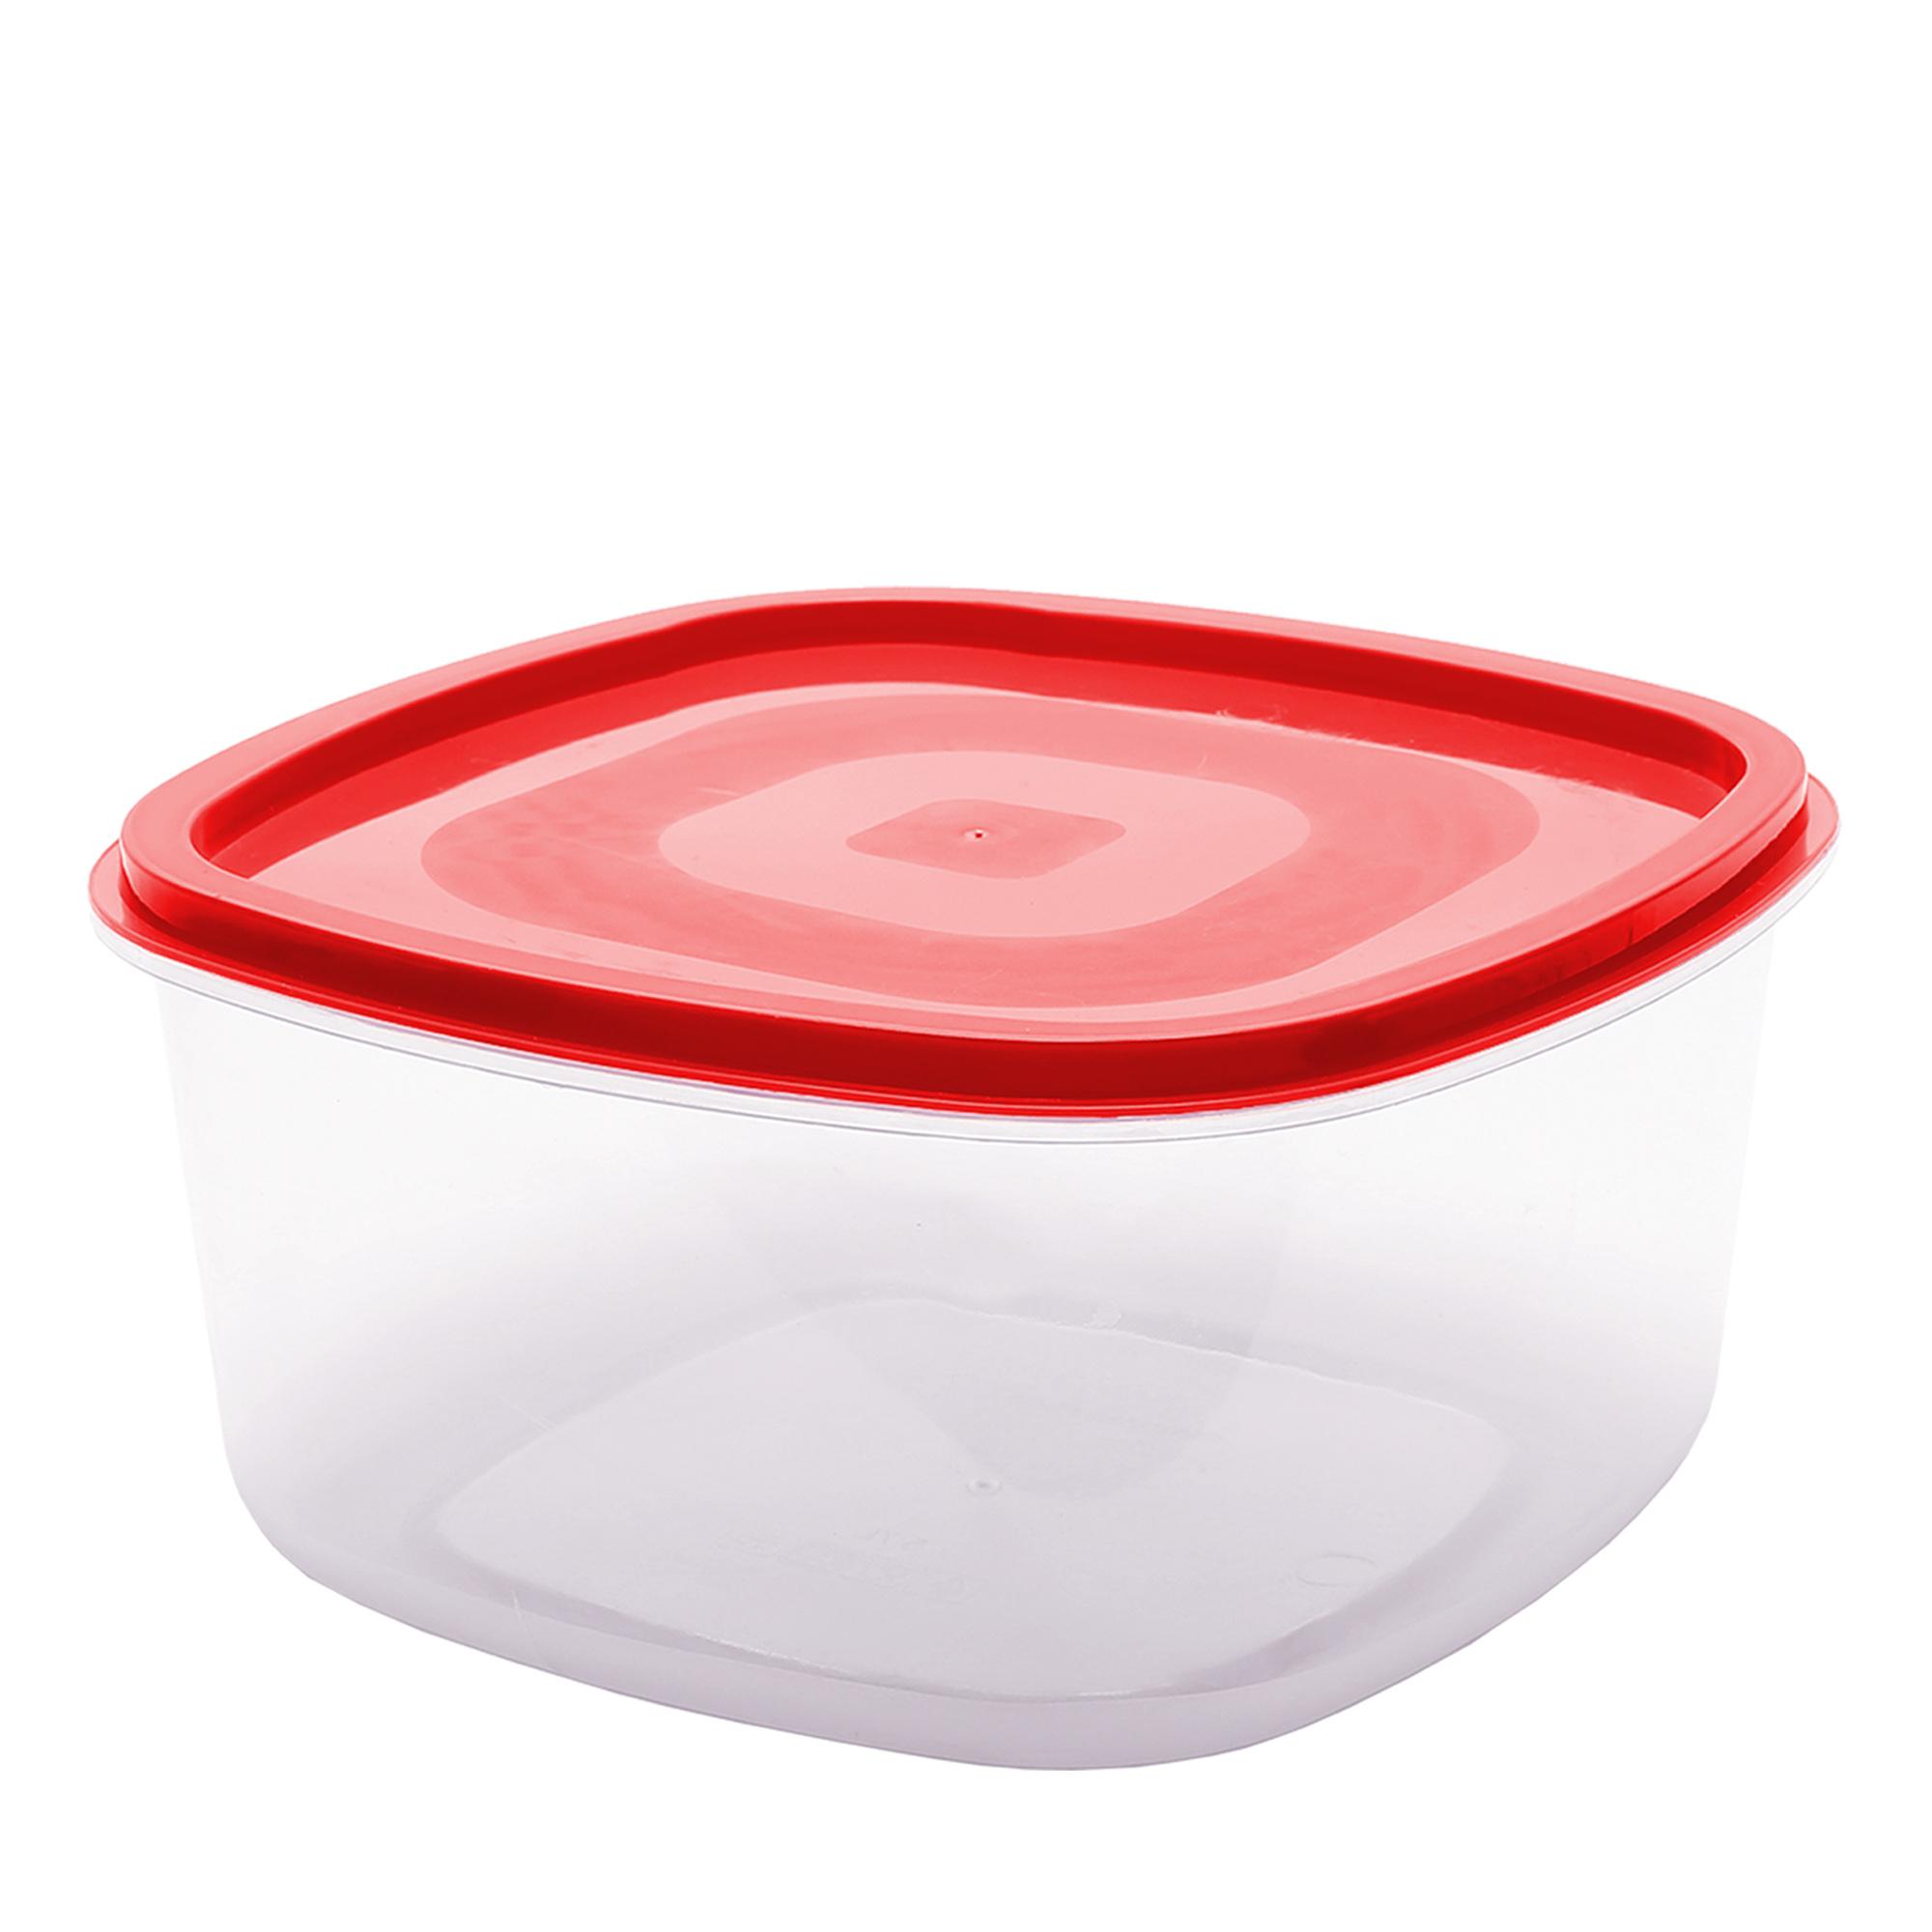 Pote Quadrado Liso 3.3 L - Vermelho